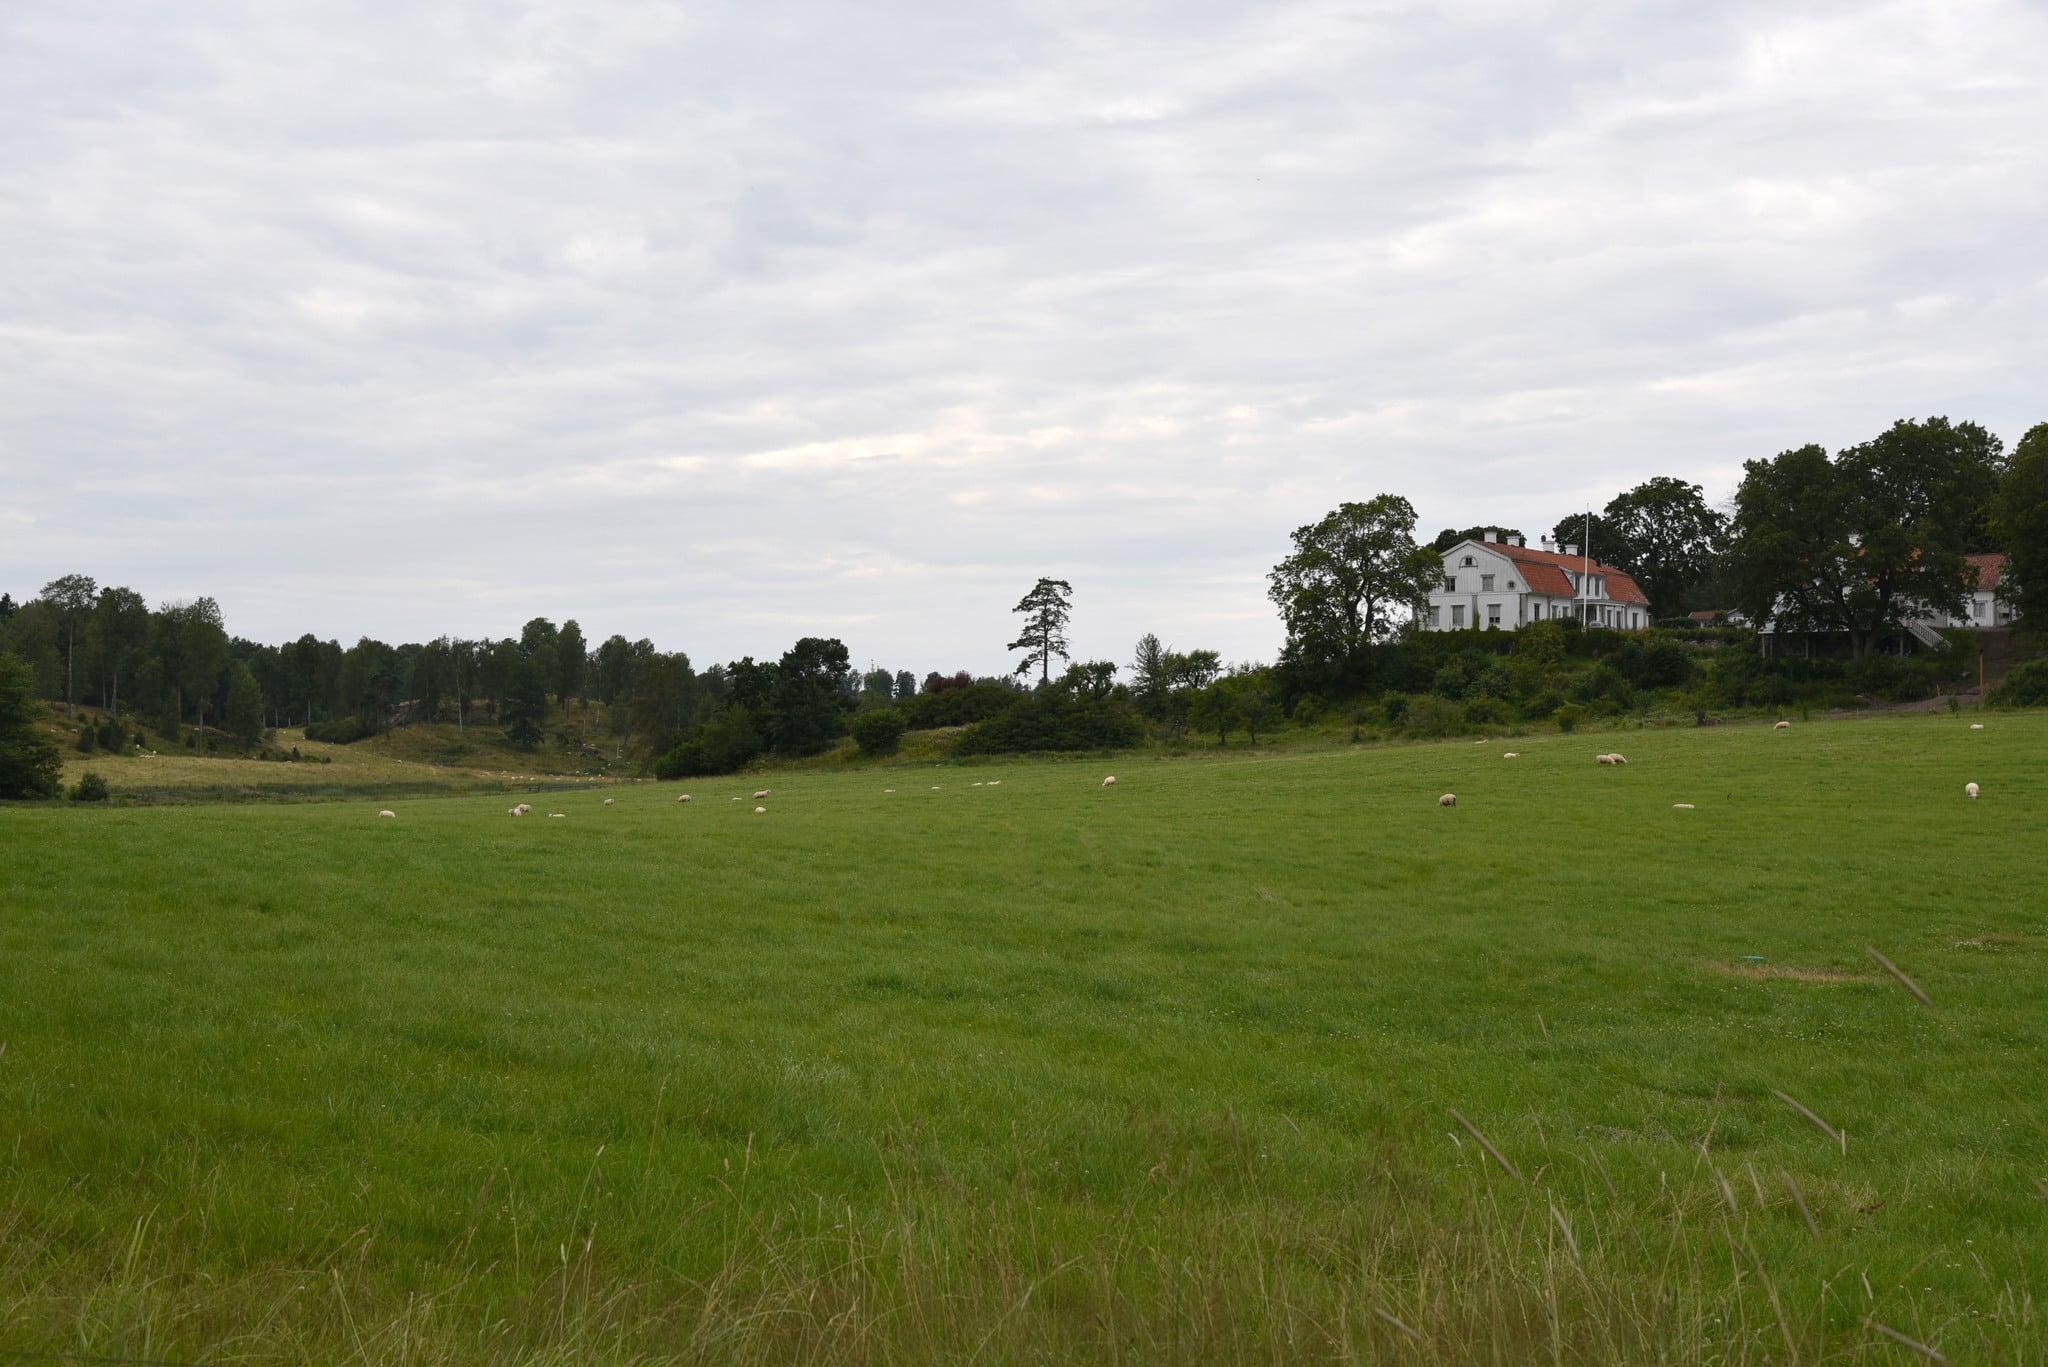 Molstabergs gård, på gränsen mellan Södermanland och Stockholms län, har drabbats av ännu ett vargangrepp. Foto: Martin Källberg